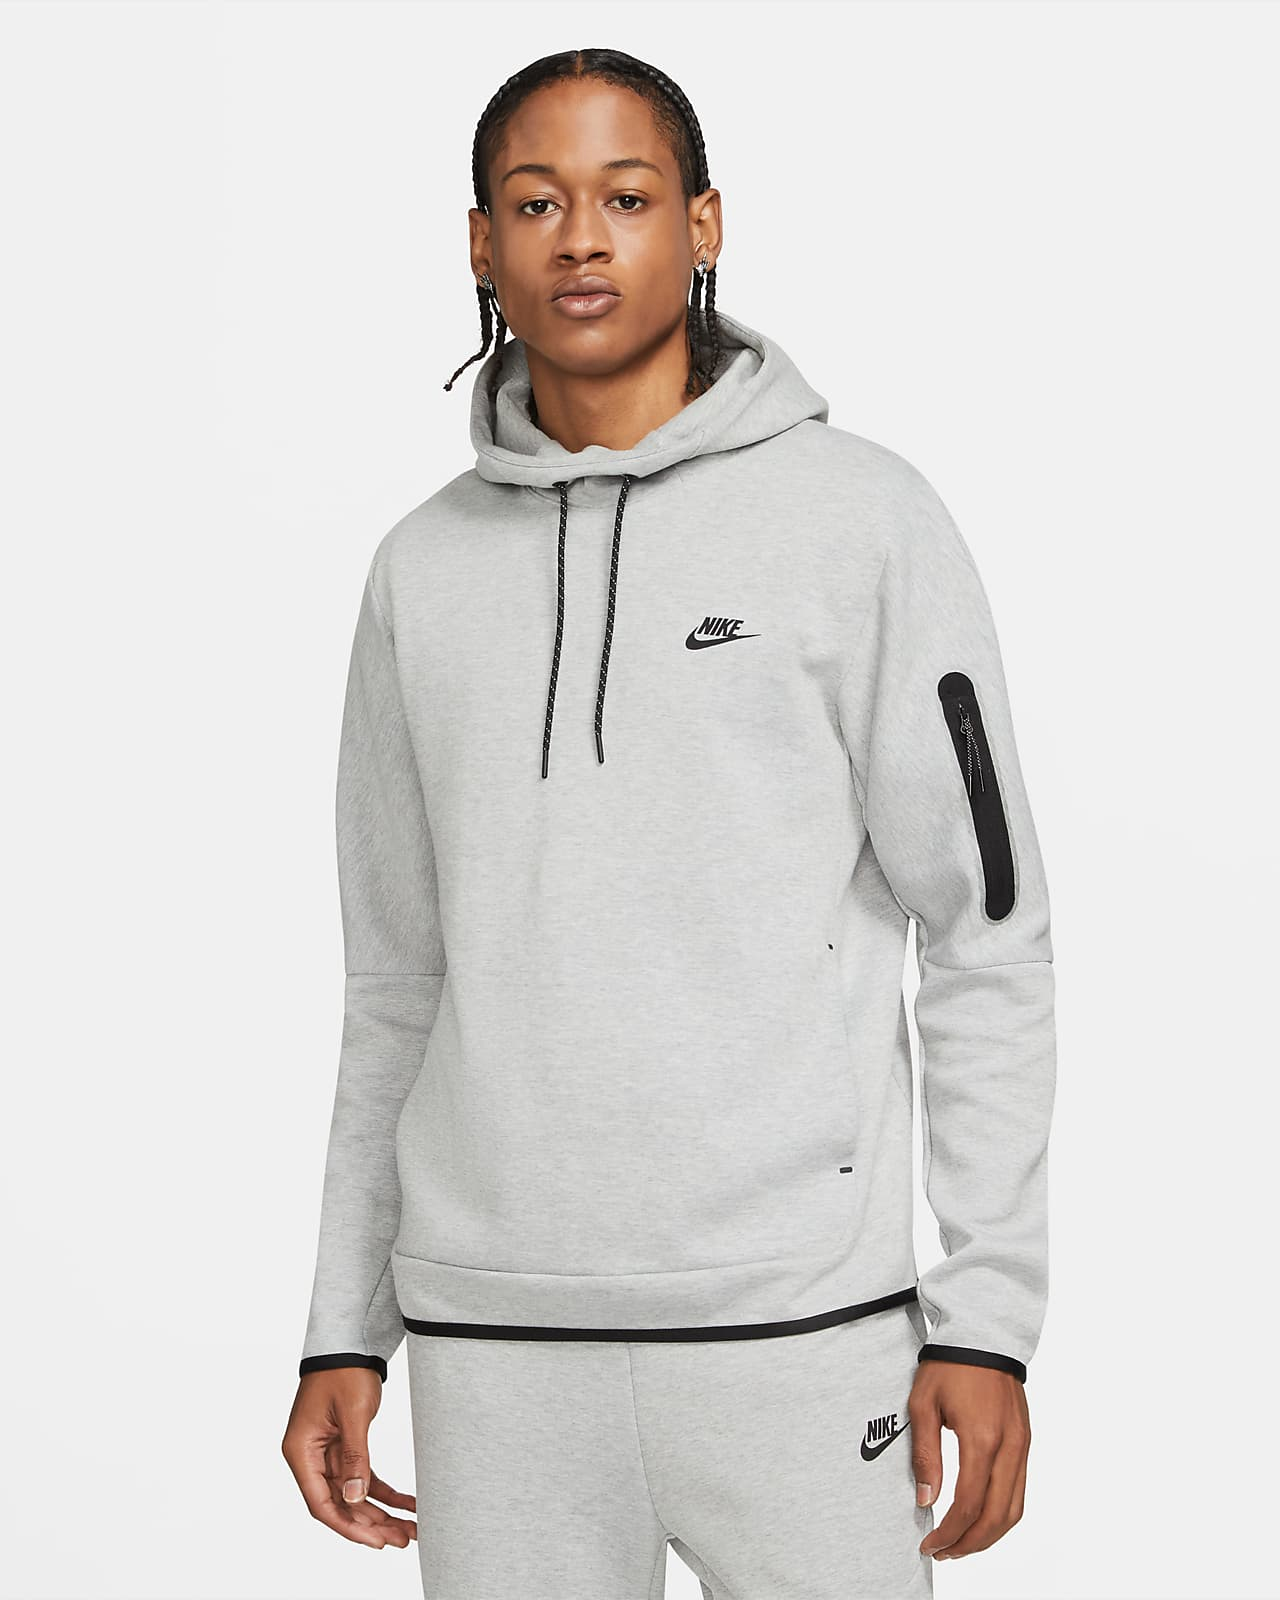 Nike Sportswear Tech Fleece Men's Pullover Hoodie